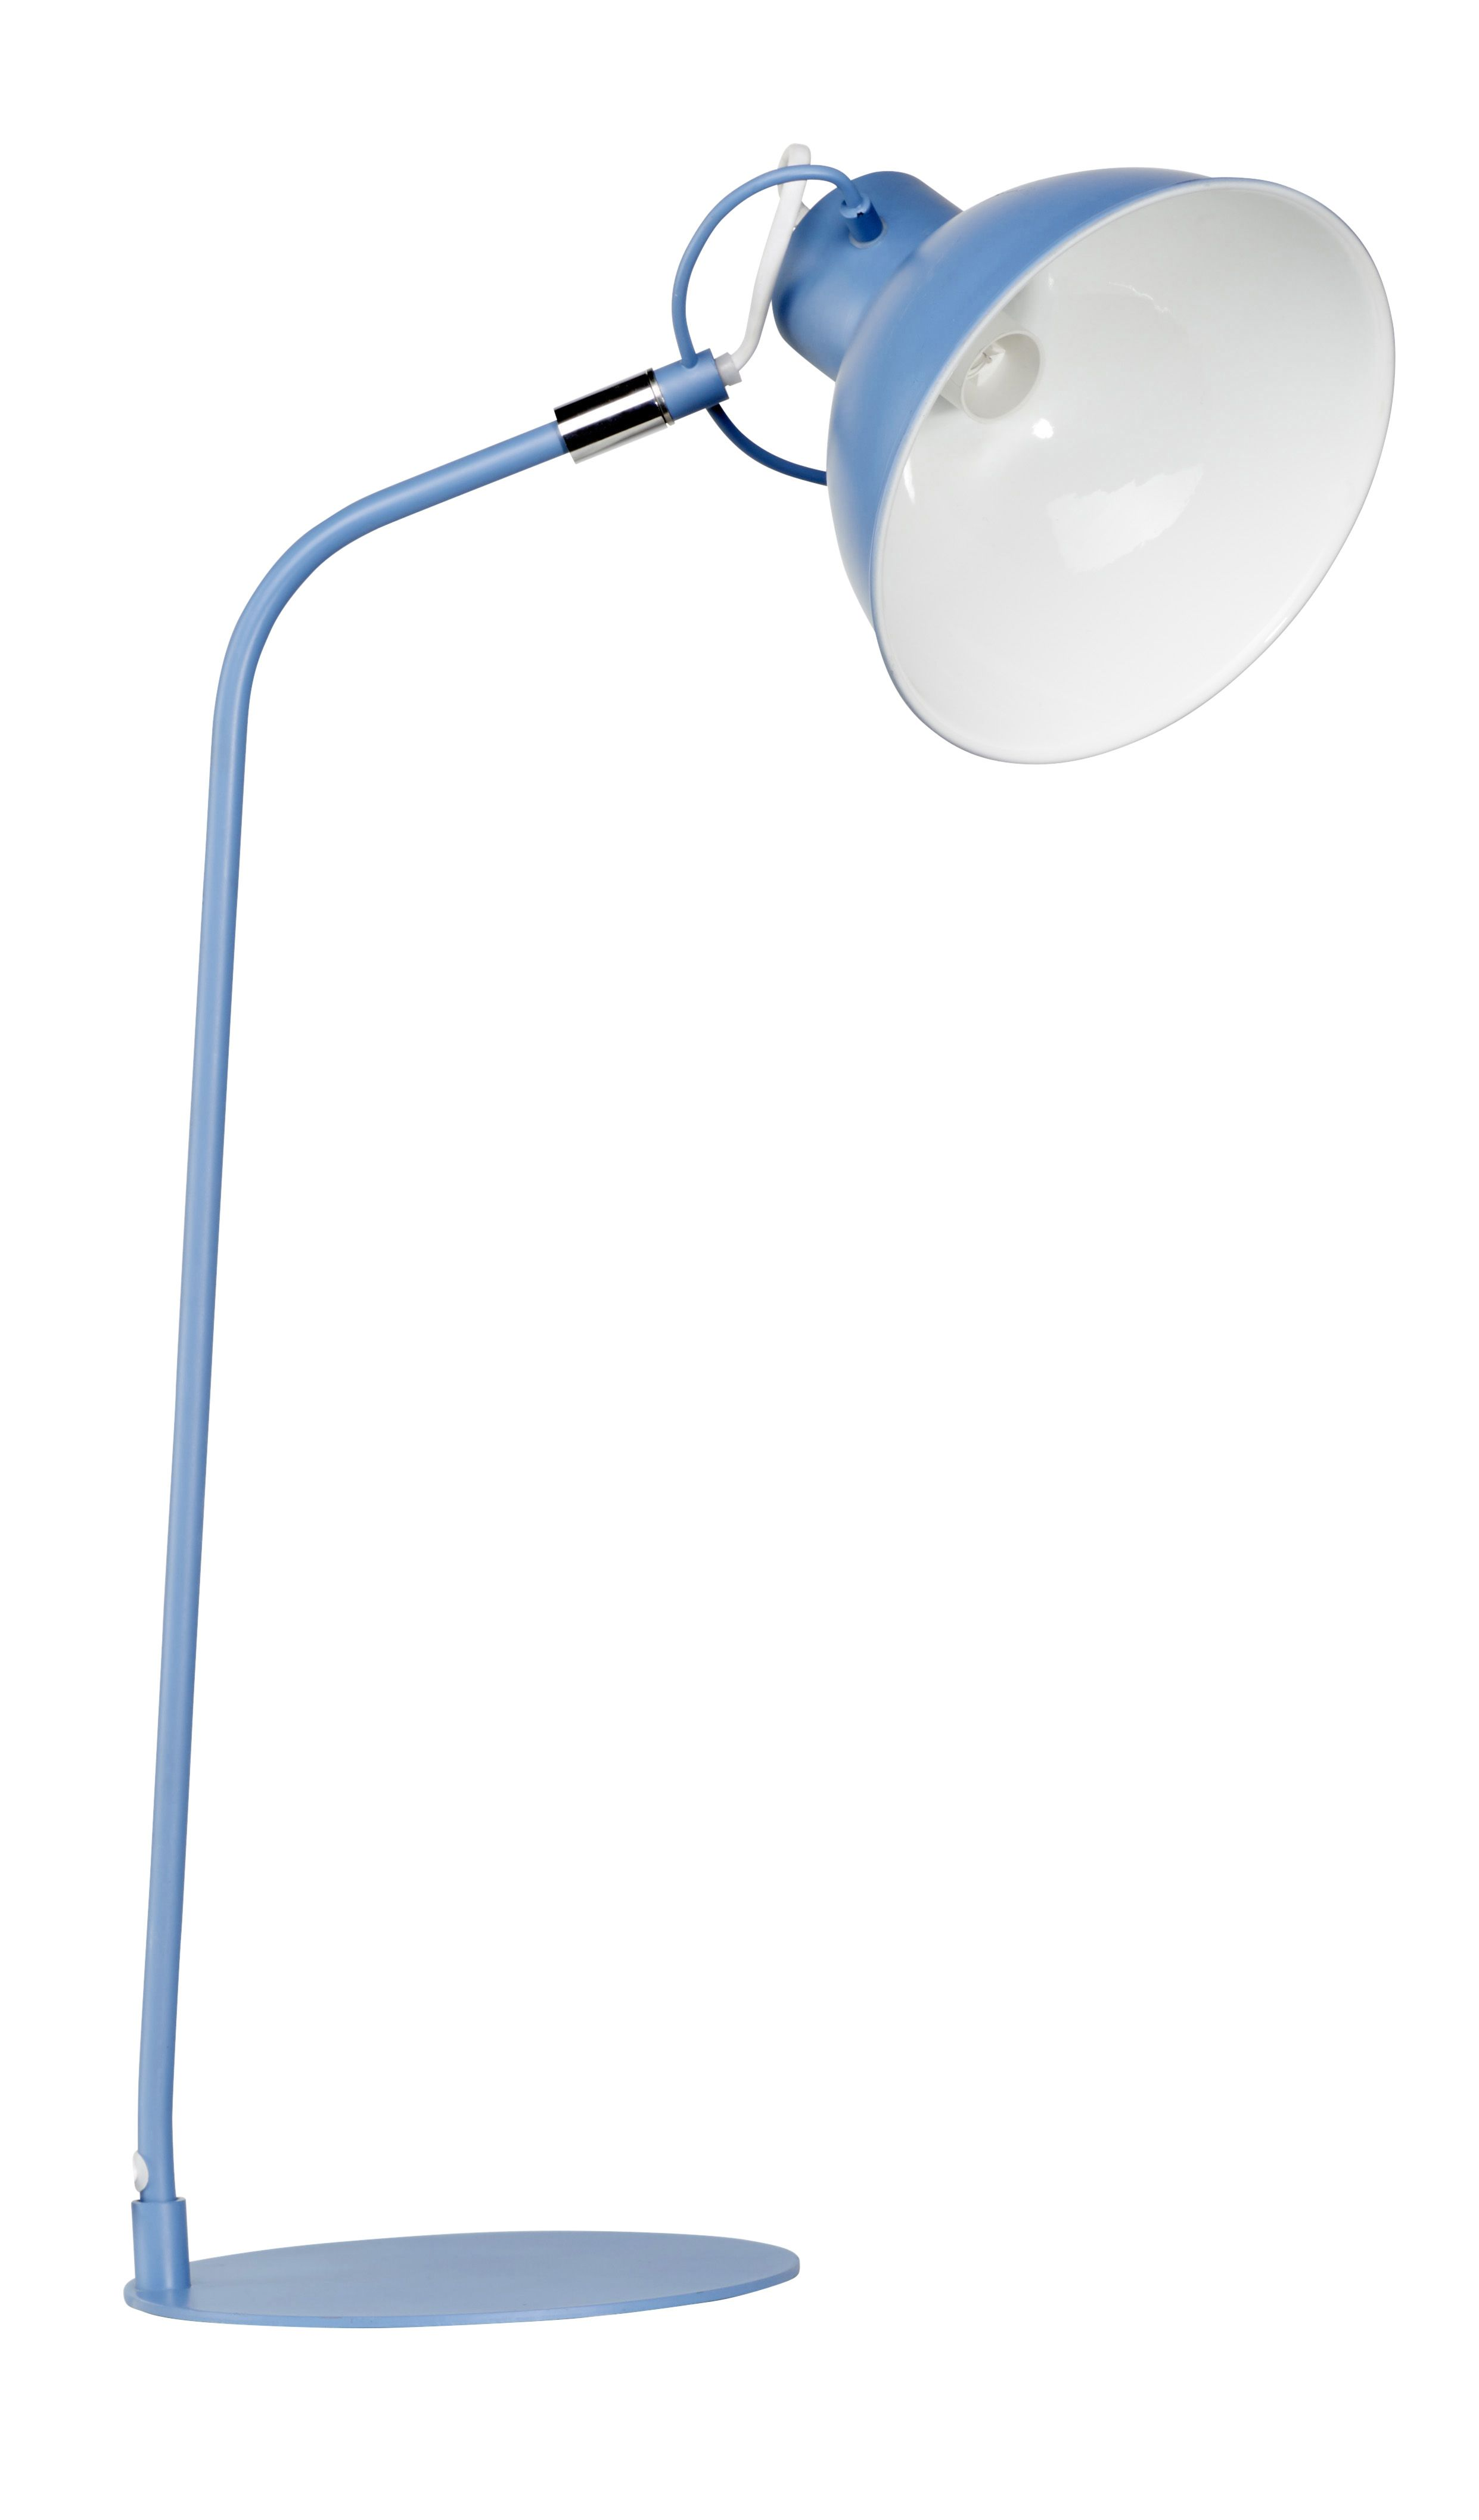 lampe de bureau bleue en metal - carrefour home | decoration